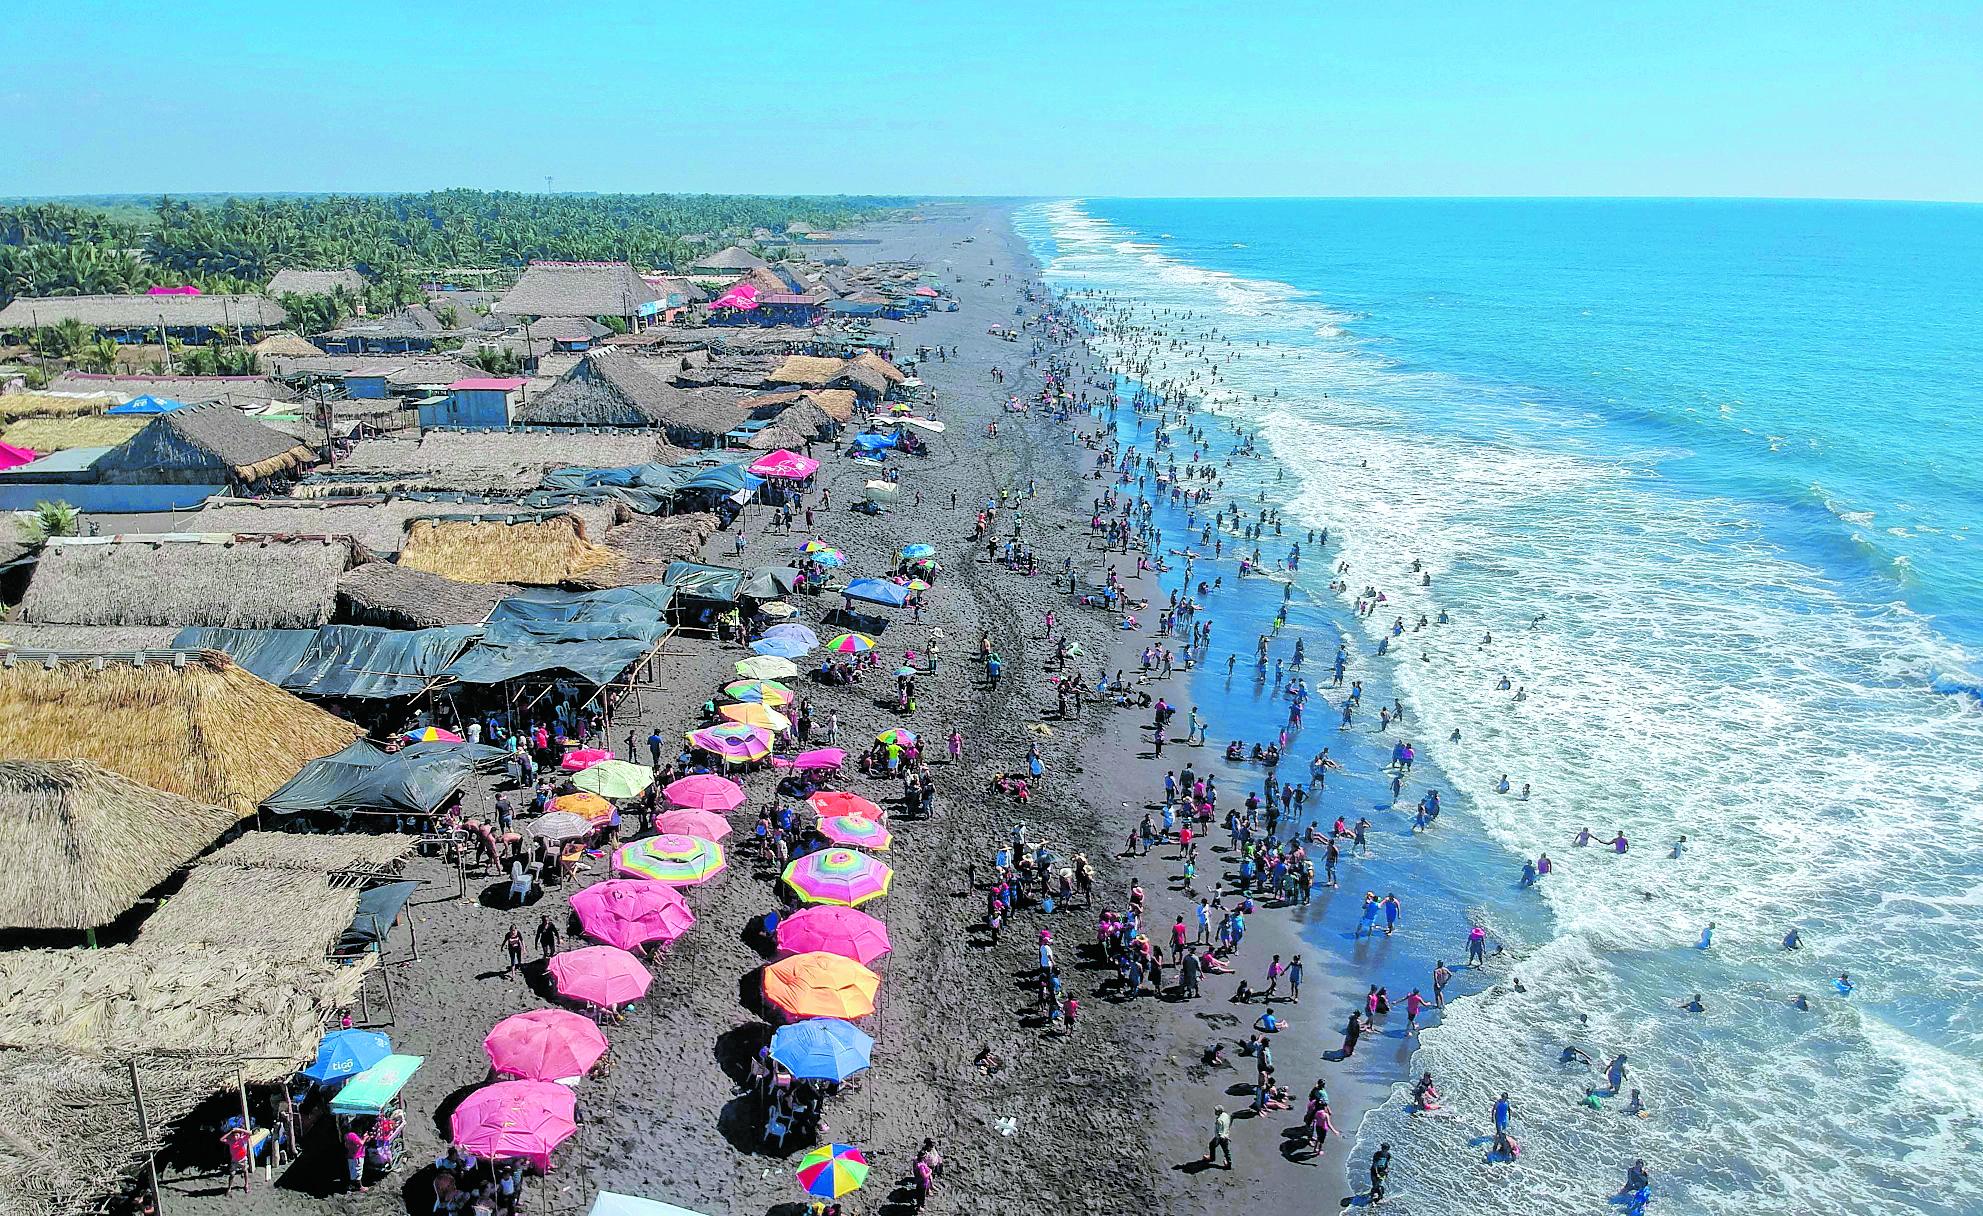 Las playas del pacífico guatemalteco es uno de los lugares que atrae al turismo interno durante Semana Santa, según el Inguat. Varios negocios se beneficiarán de la derrama económica. (Foto Prensa Libre: Hemeroteca)